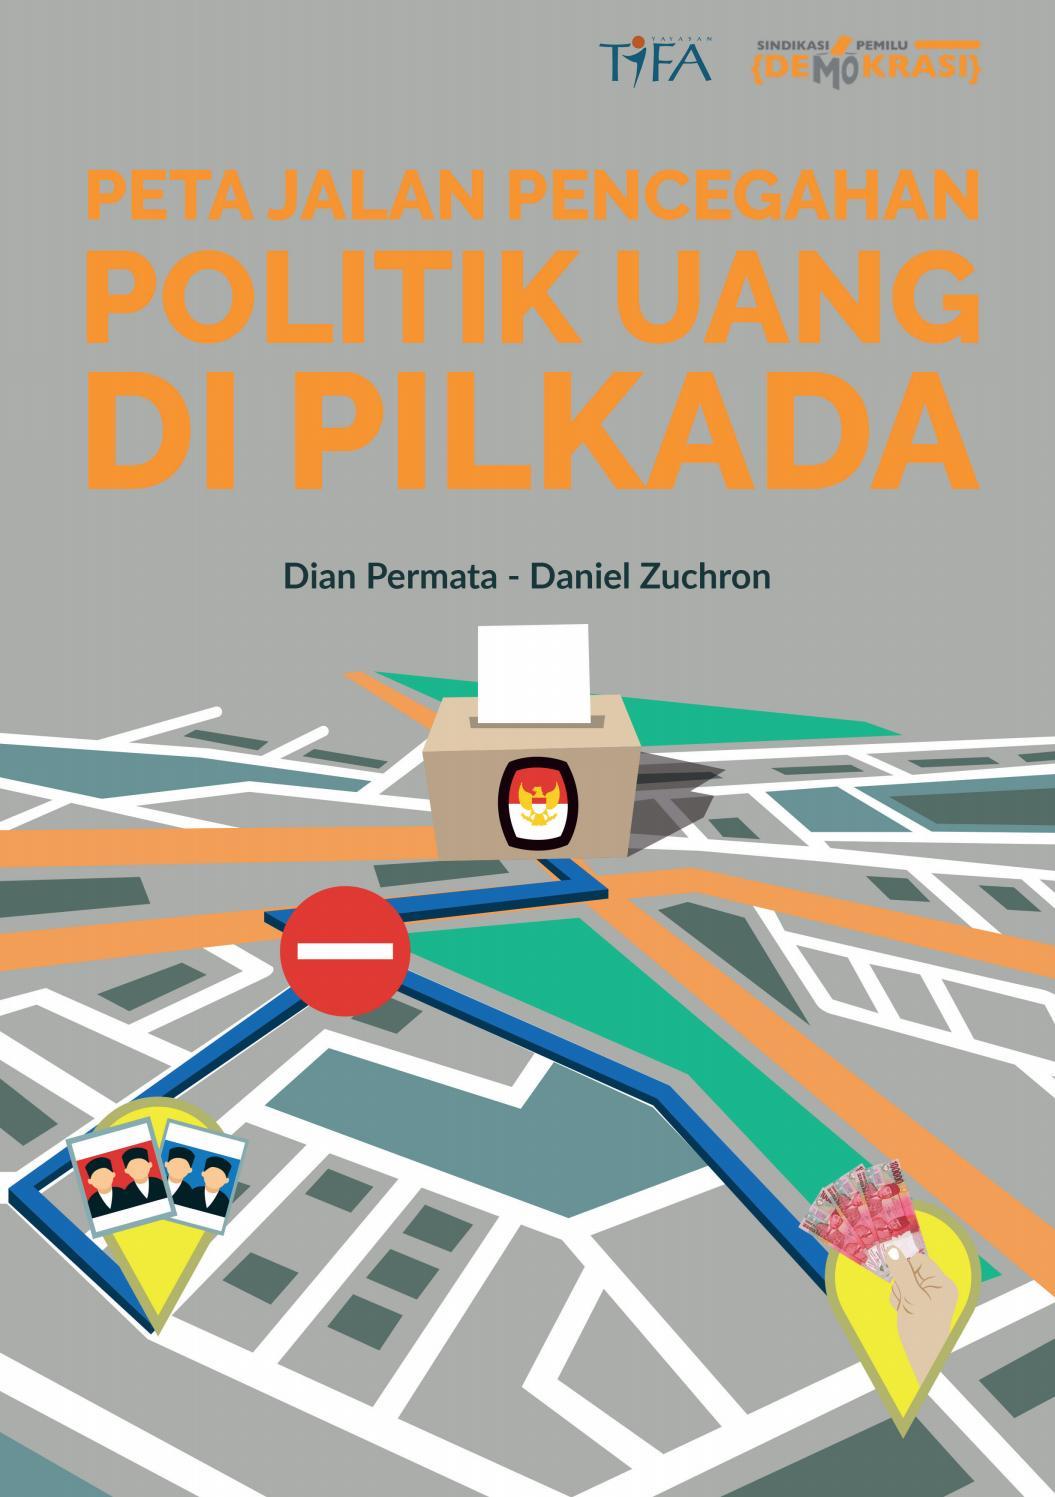 Peta Jalan Pencegahan Politik Uang Di Pilkada By Tifa